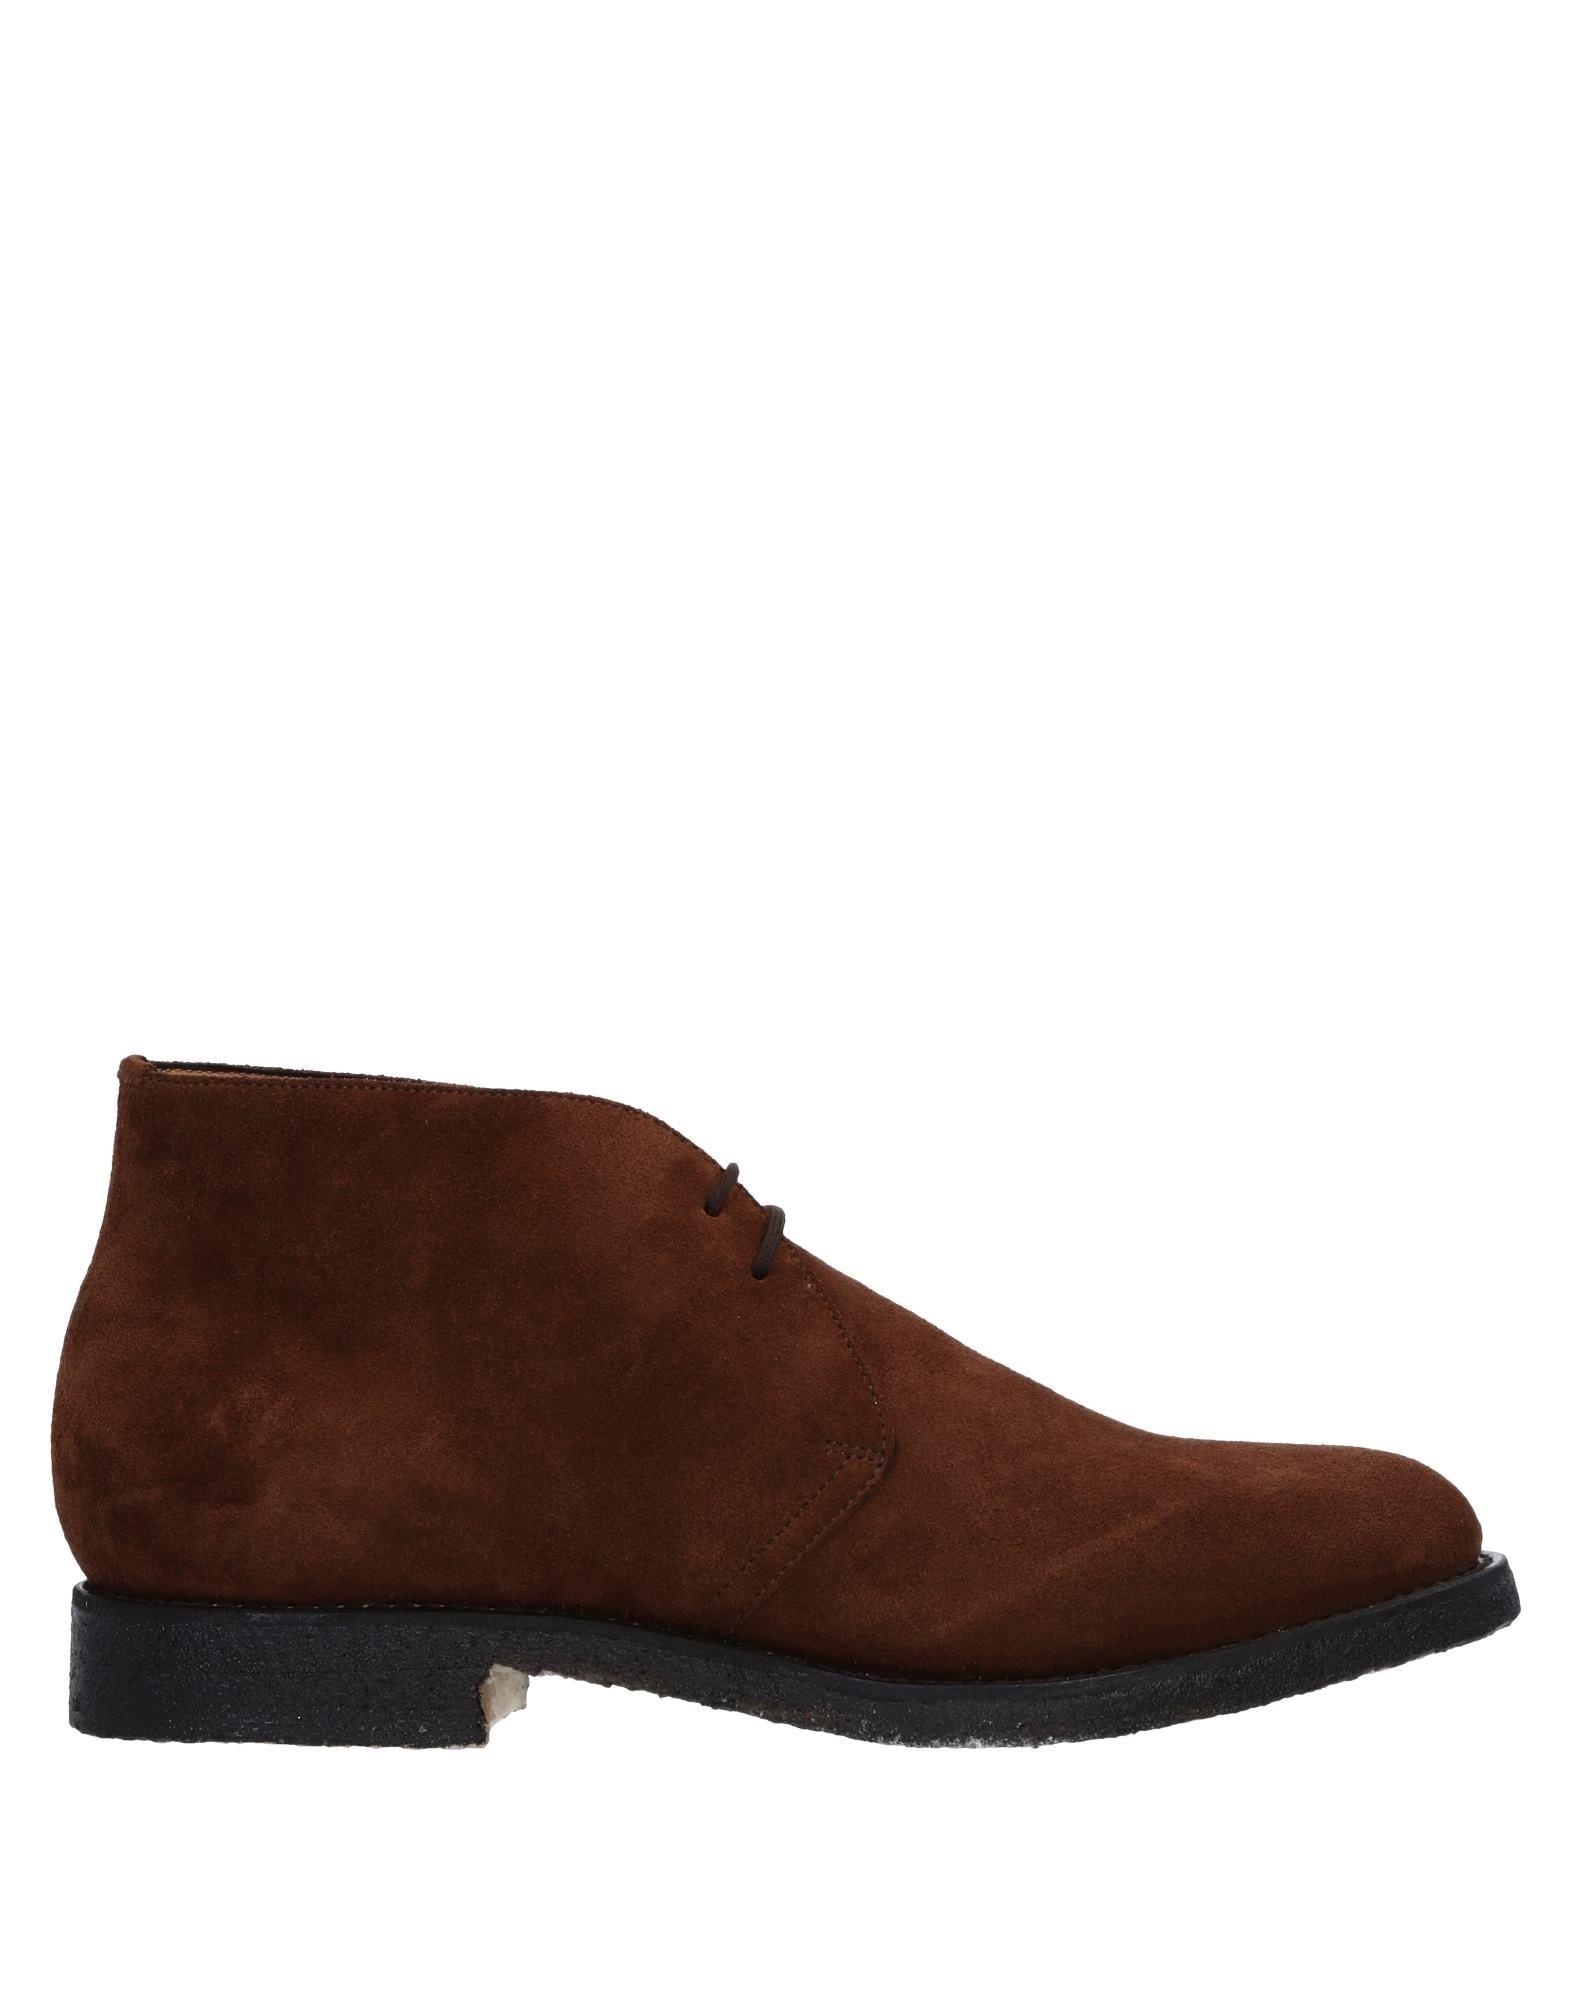 Fabi Stiefelette Herren  11532169LQ Gute Qualität beliebte Schuhe